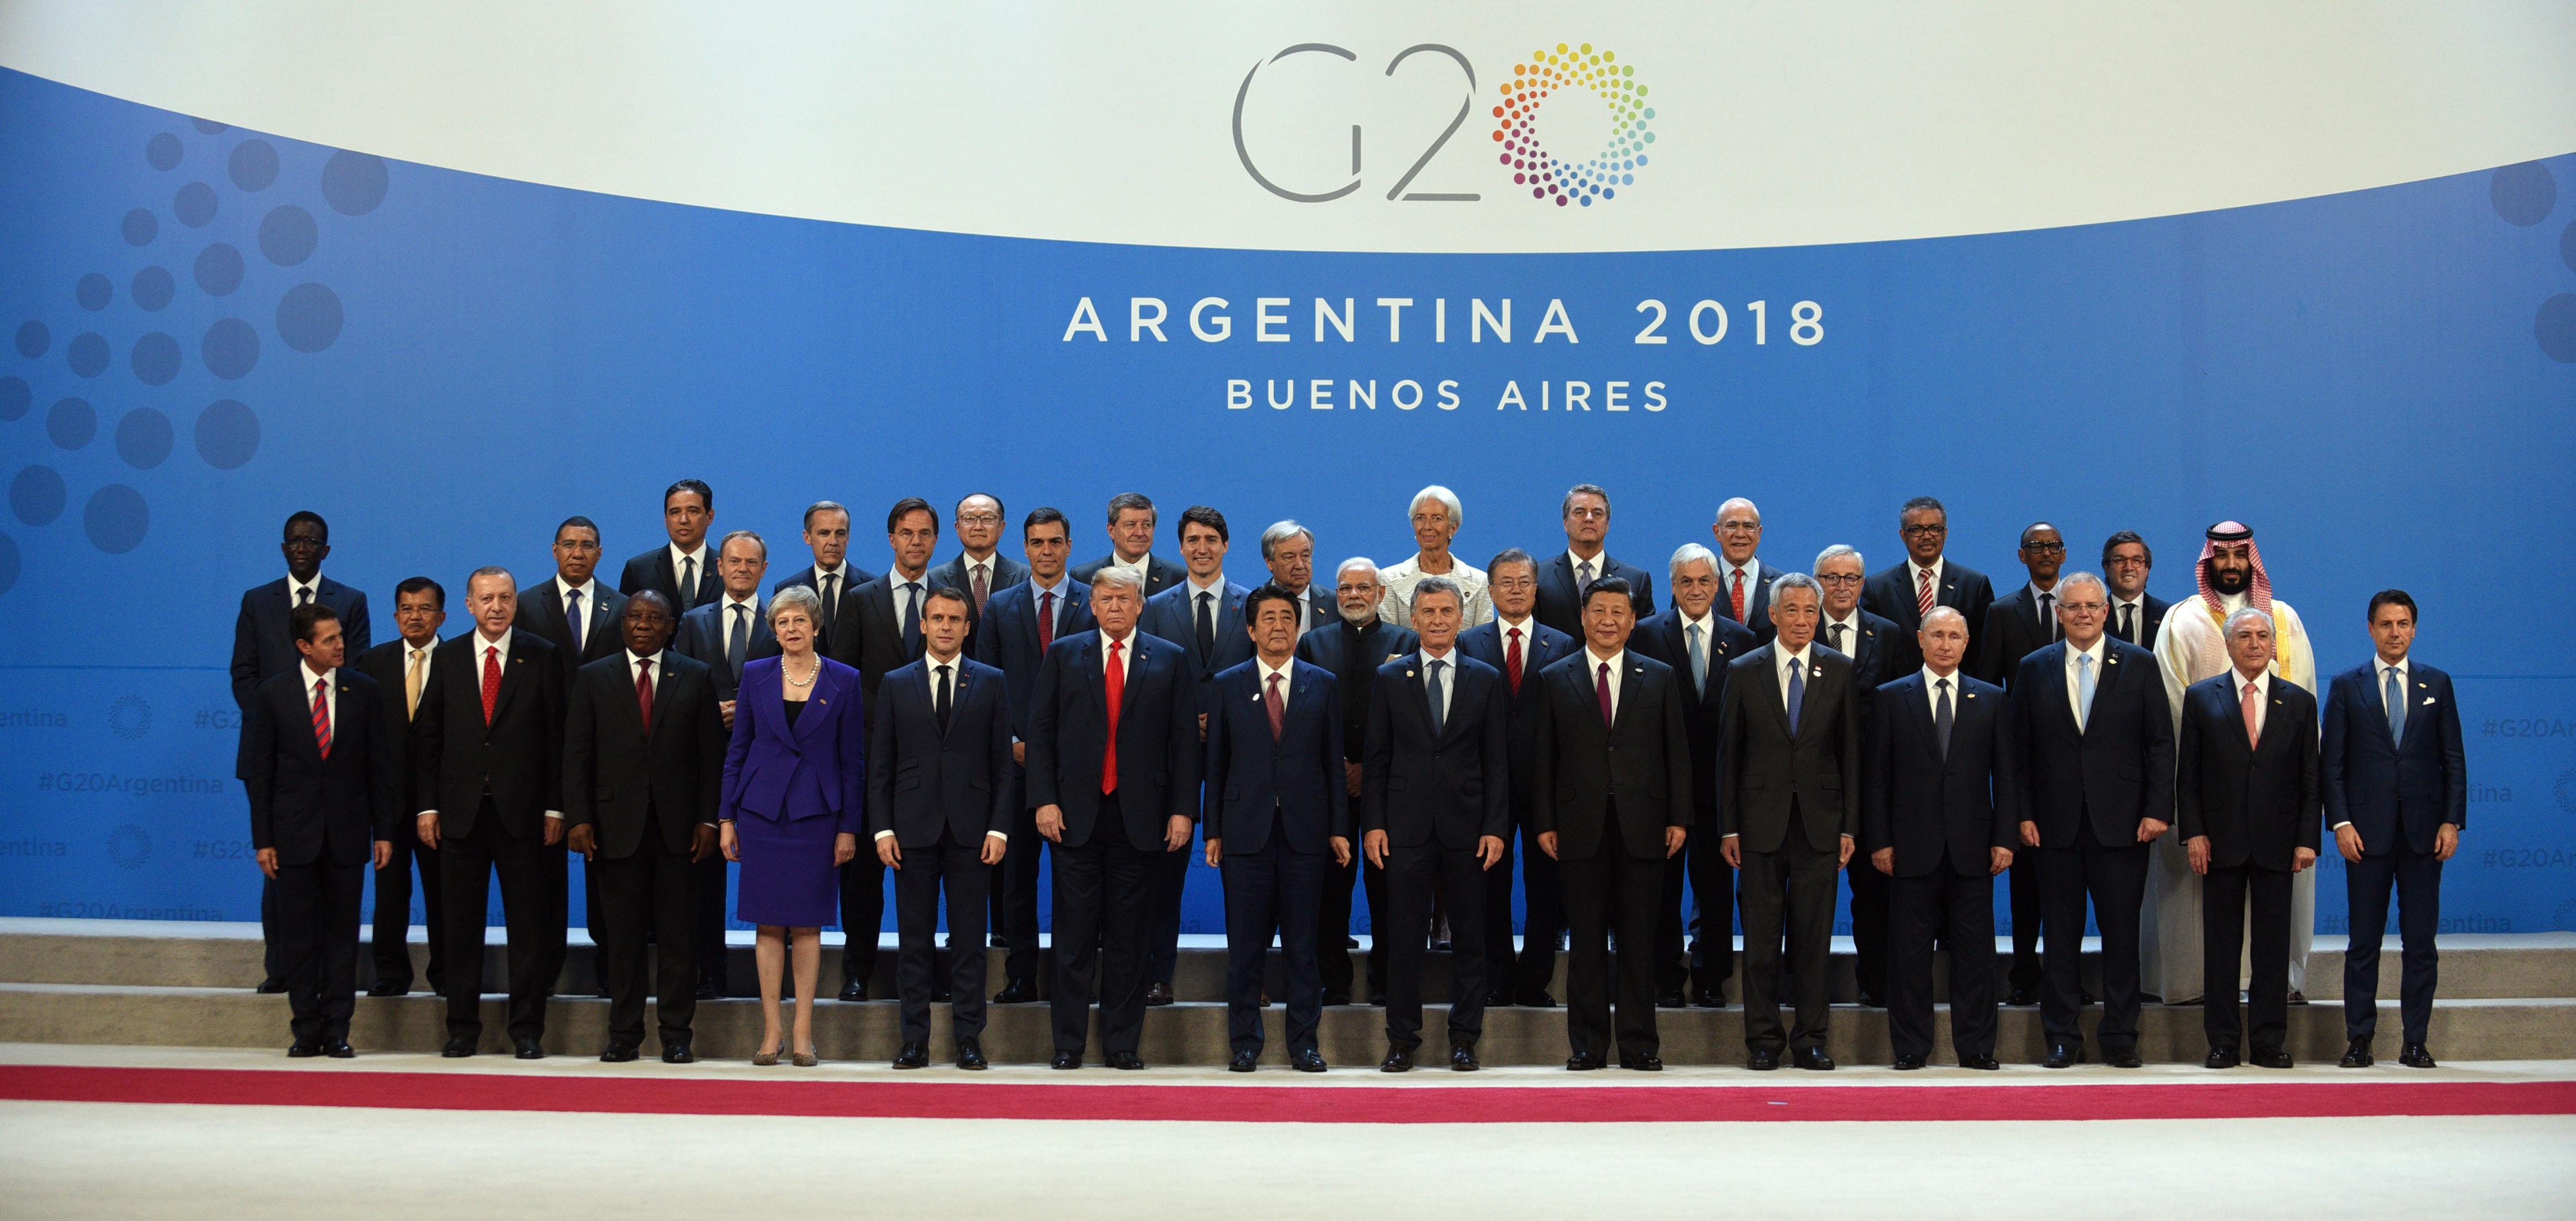 Casi al final del peor año de Cambiemos, con una fenomenal caída de imagen del Presidente y del Gobierno, la cumbre de presidentes y jefes de estado del G20 fue un oasis. No solo el operativo de seguridad funcionó sin fisuras, también la complejísima logística de atención a los principales líderes del mundo. No se pudo jugar una inédita final de Libertadores entre River y Boca, pero sí organizar el megaevento. Recuperación de la autoestima y la credibilidad, que le permite a Macri festejar sus tres años con otro ánimo.